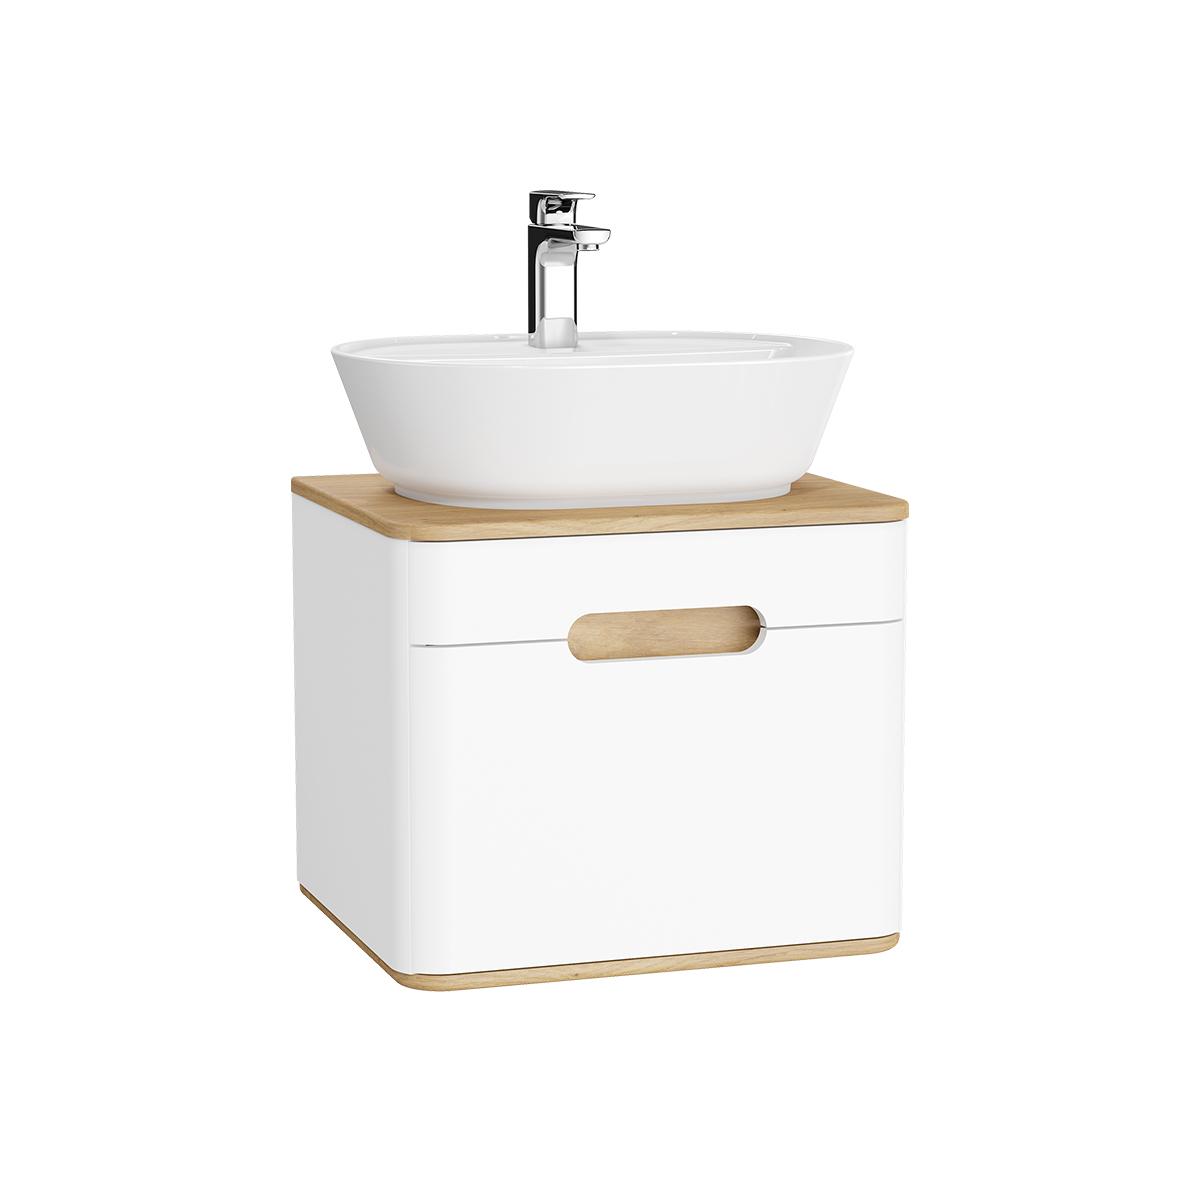 Sento Waschtischunterschrank, 55 cm, für Aufsatzwaschtische, mit 1 Vollauszug, Weiß Matt